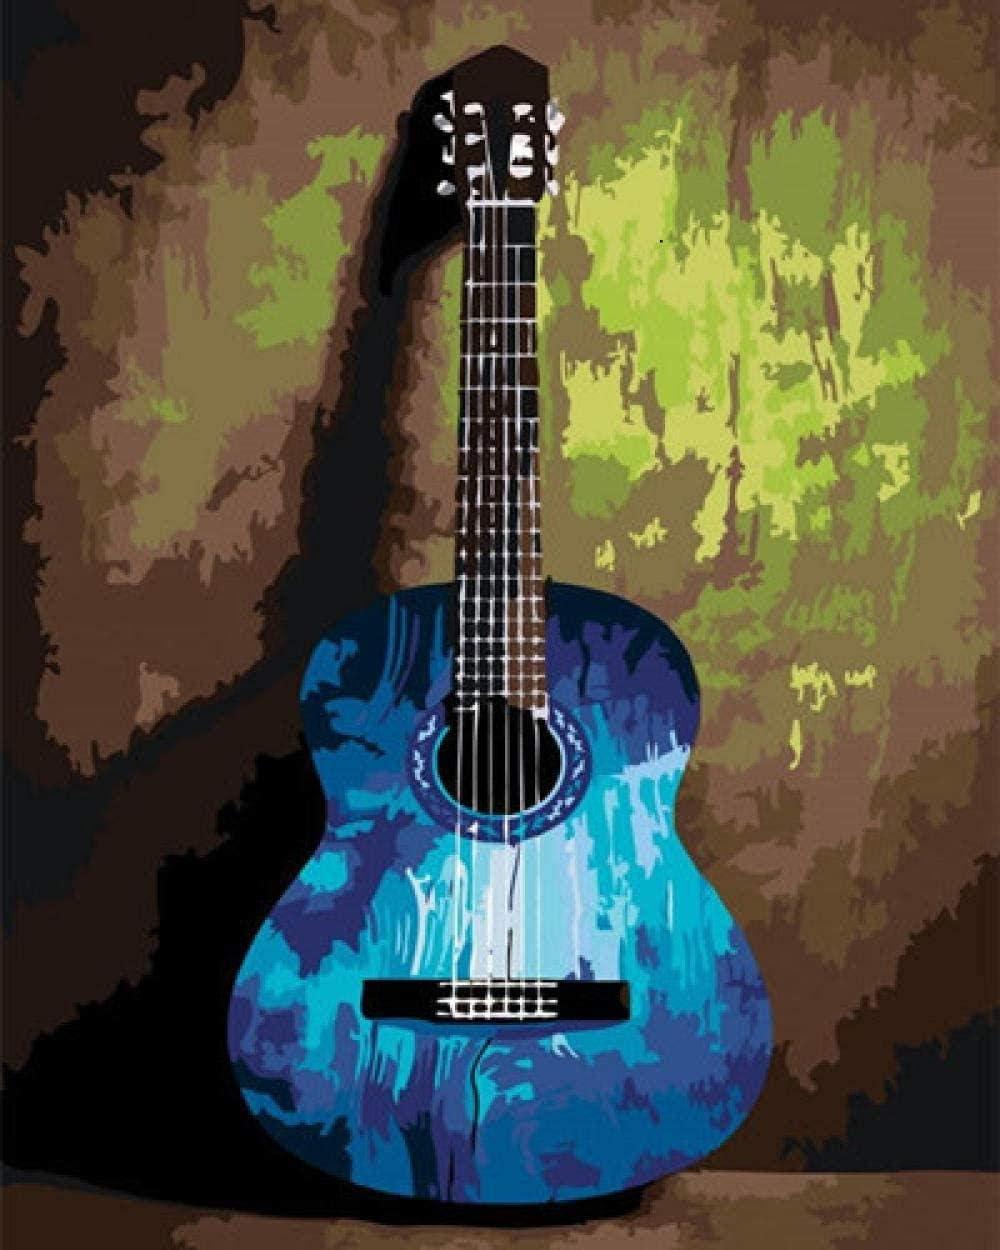 Cuadro De Pintura Digital Diy Por Número Kit De Lienzo De Pintura Al Óleo Digital Para Adultos Cuadro De Guitarra Regalo Para Principiantes Con Pintura Y Pincel